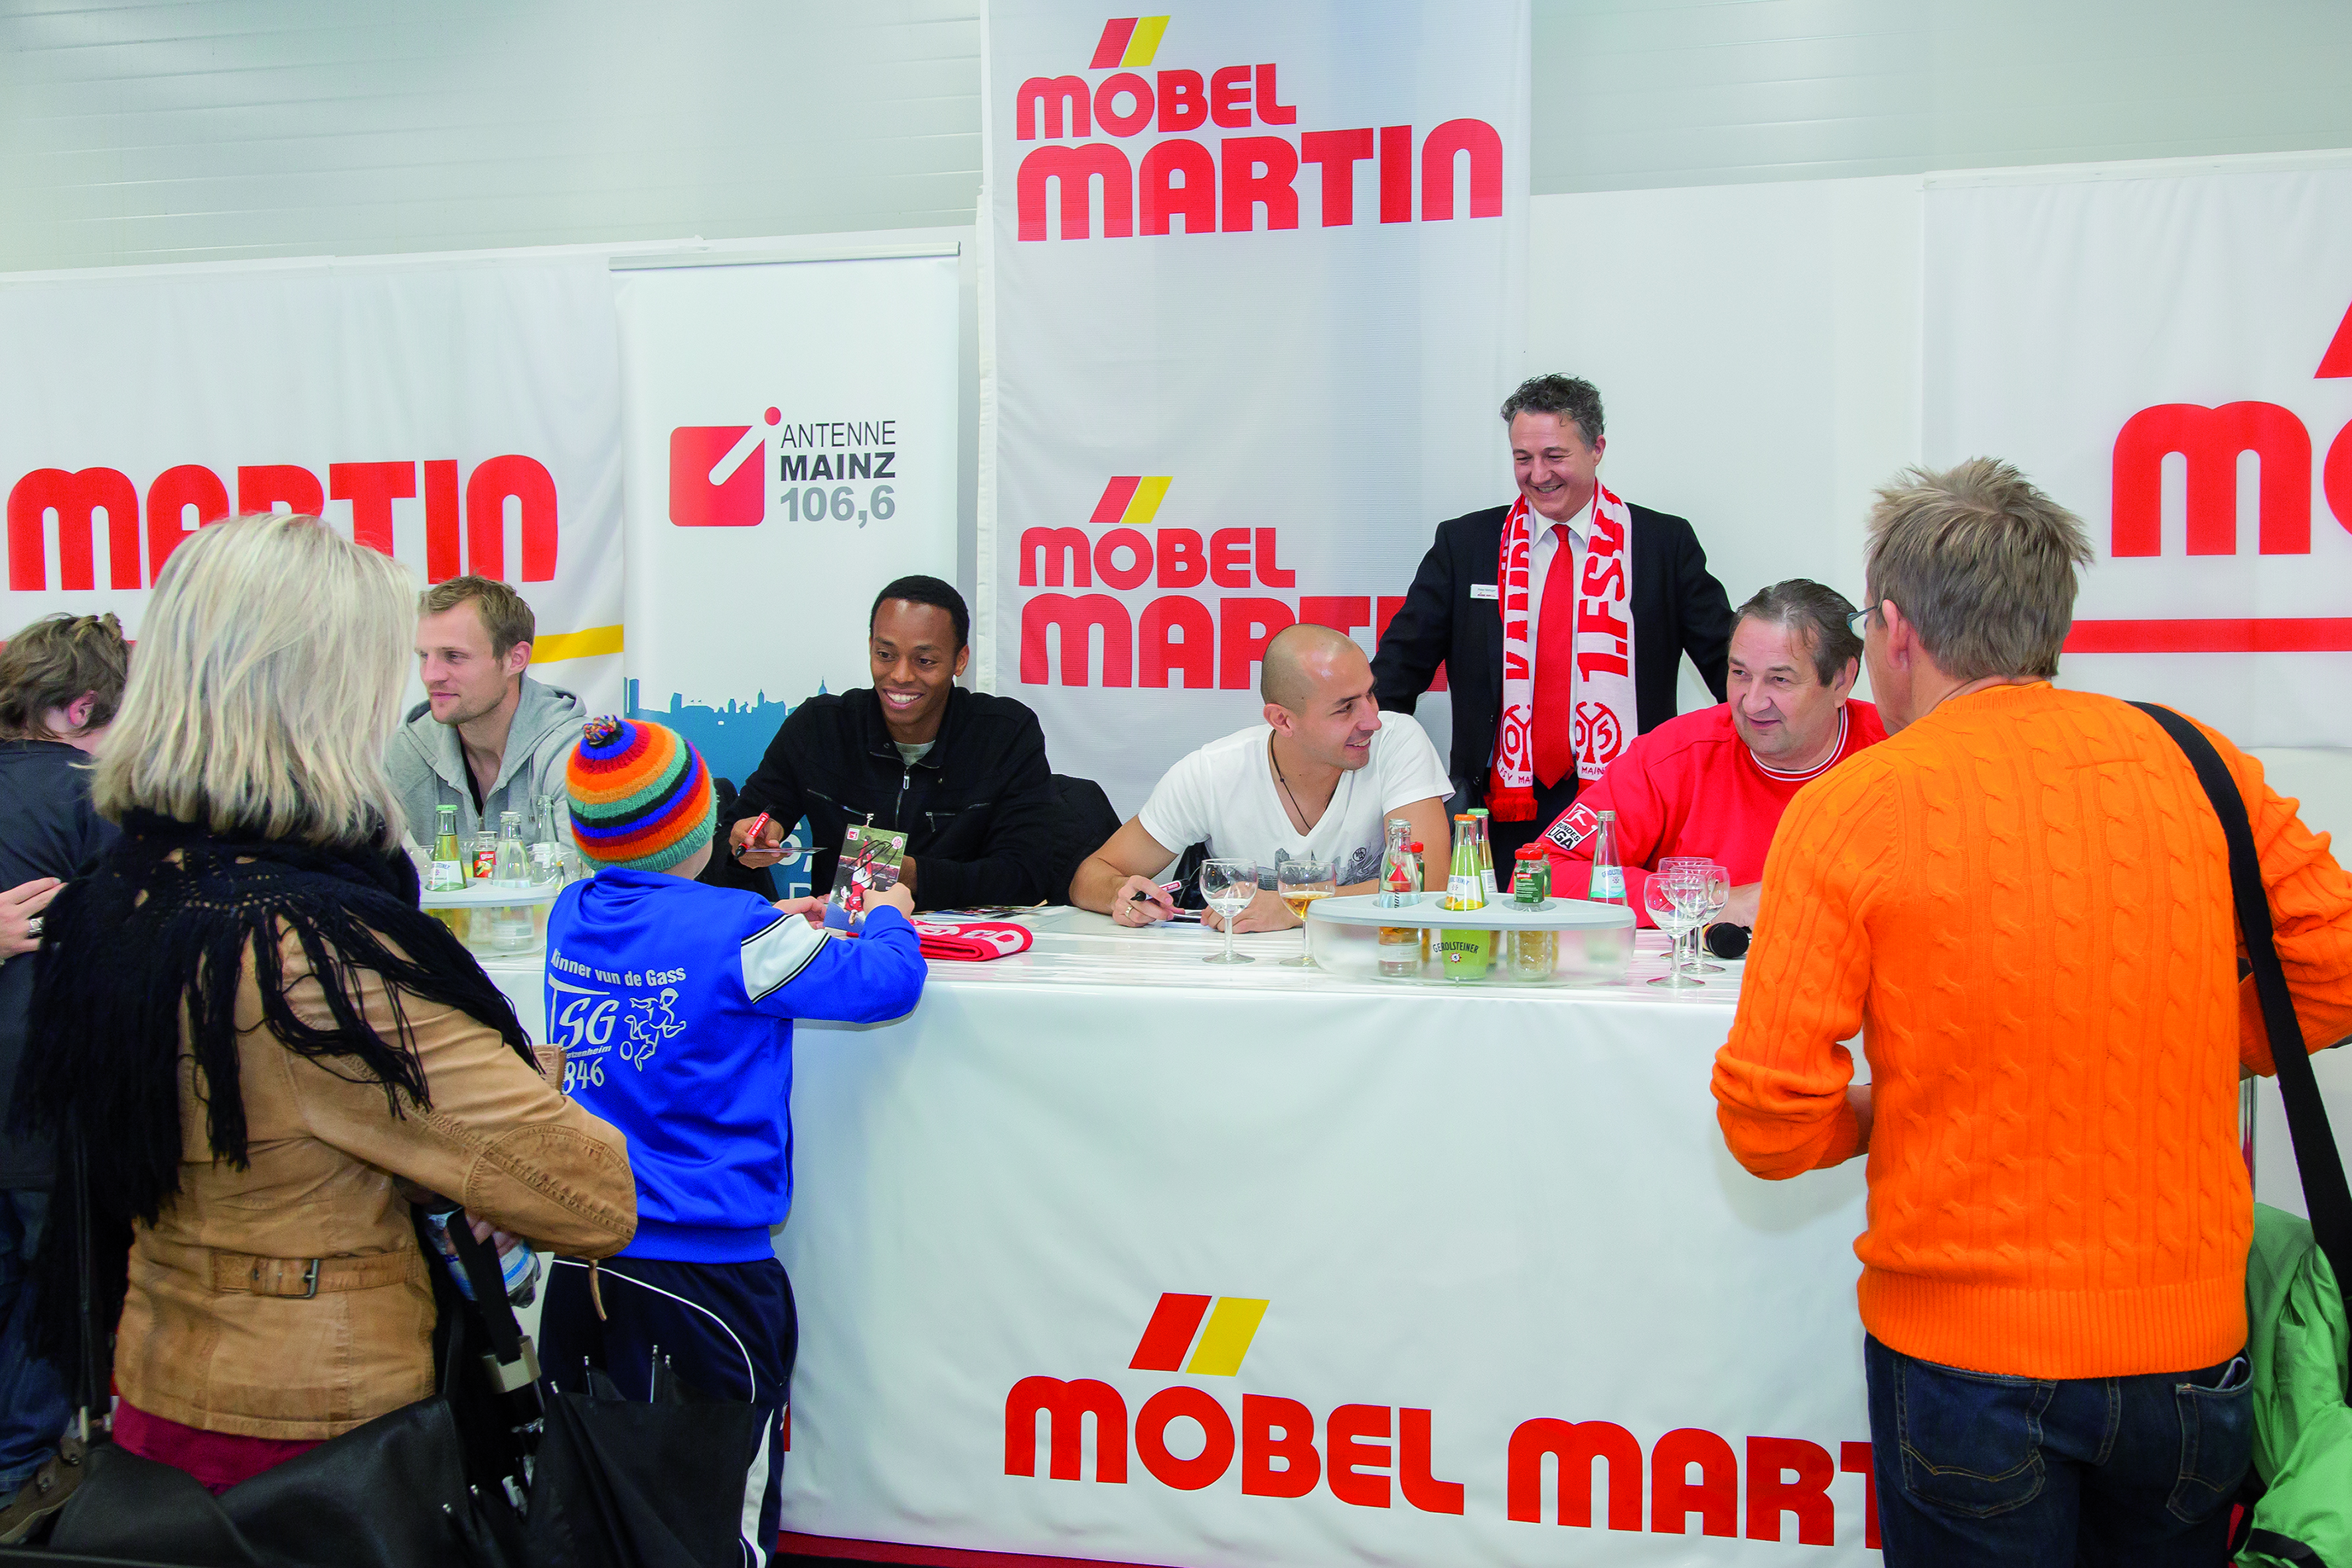 05-Autogrammstunde bei Möbel Martin